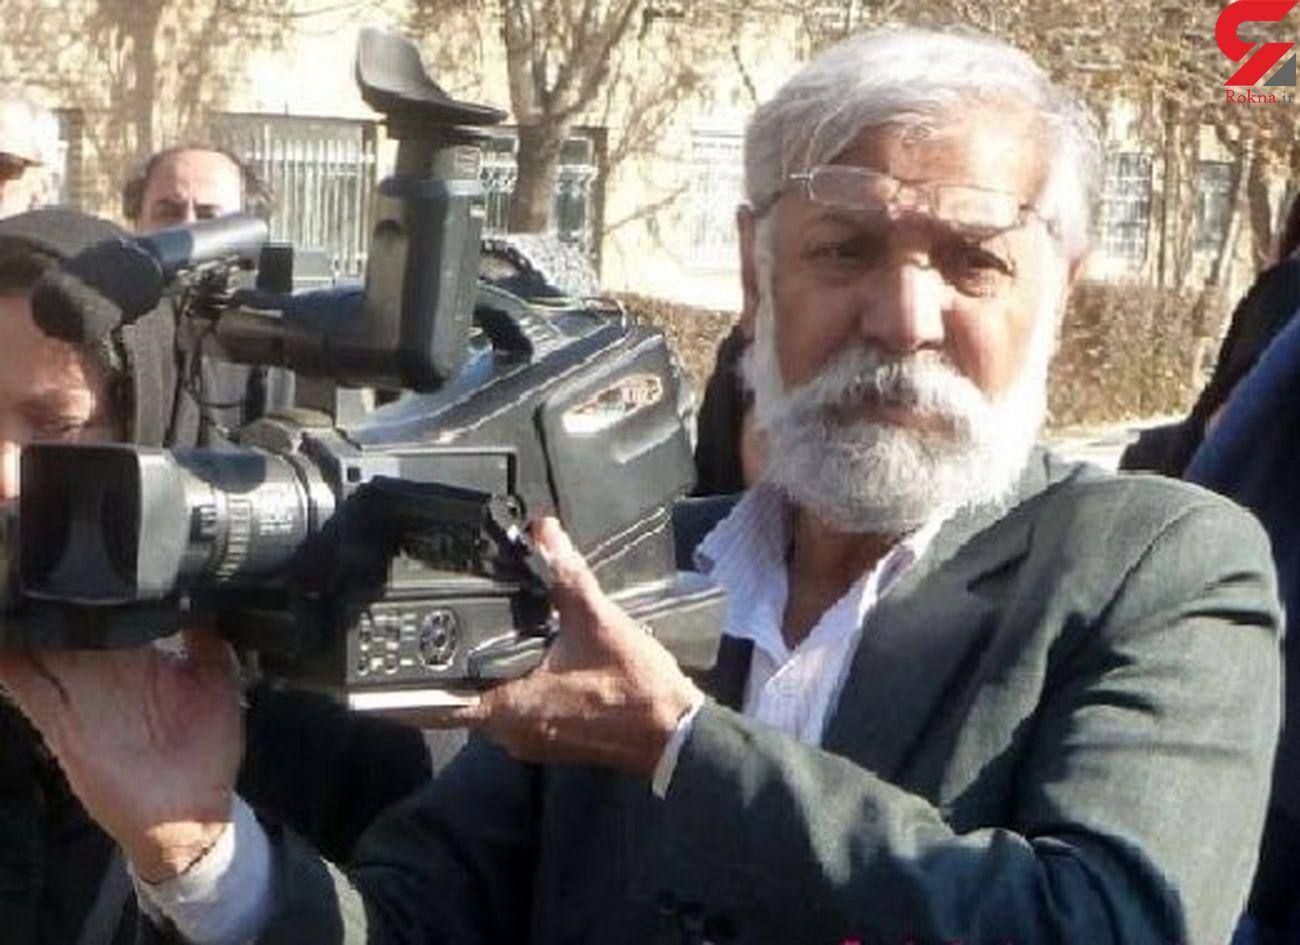 فرامرز امینی مجری برنامه تلویزیونی بر اثر کرونا درگذشت + عکس